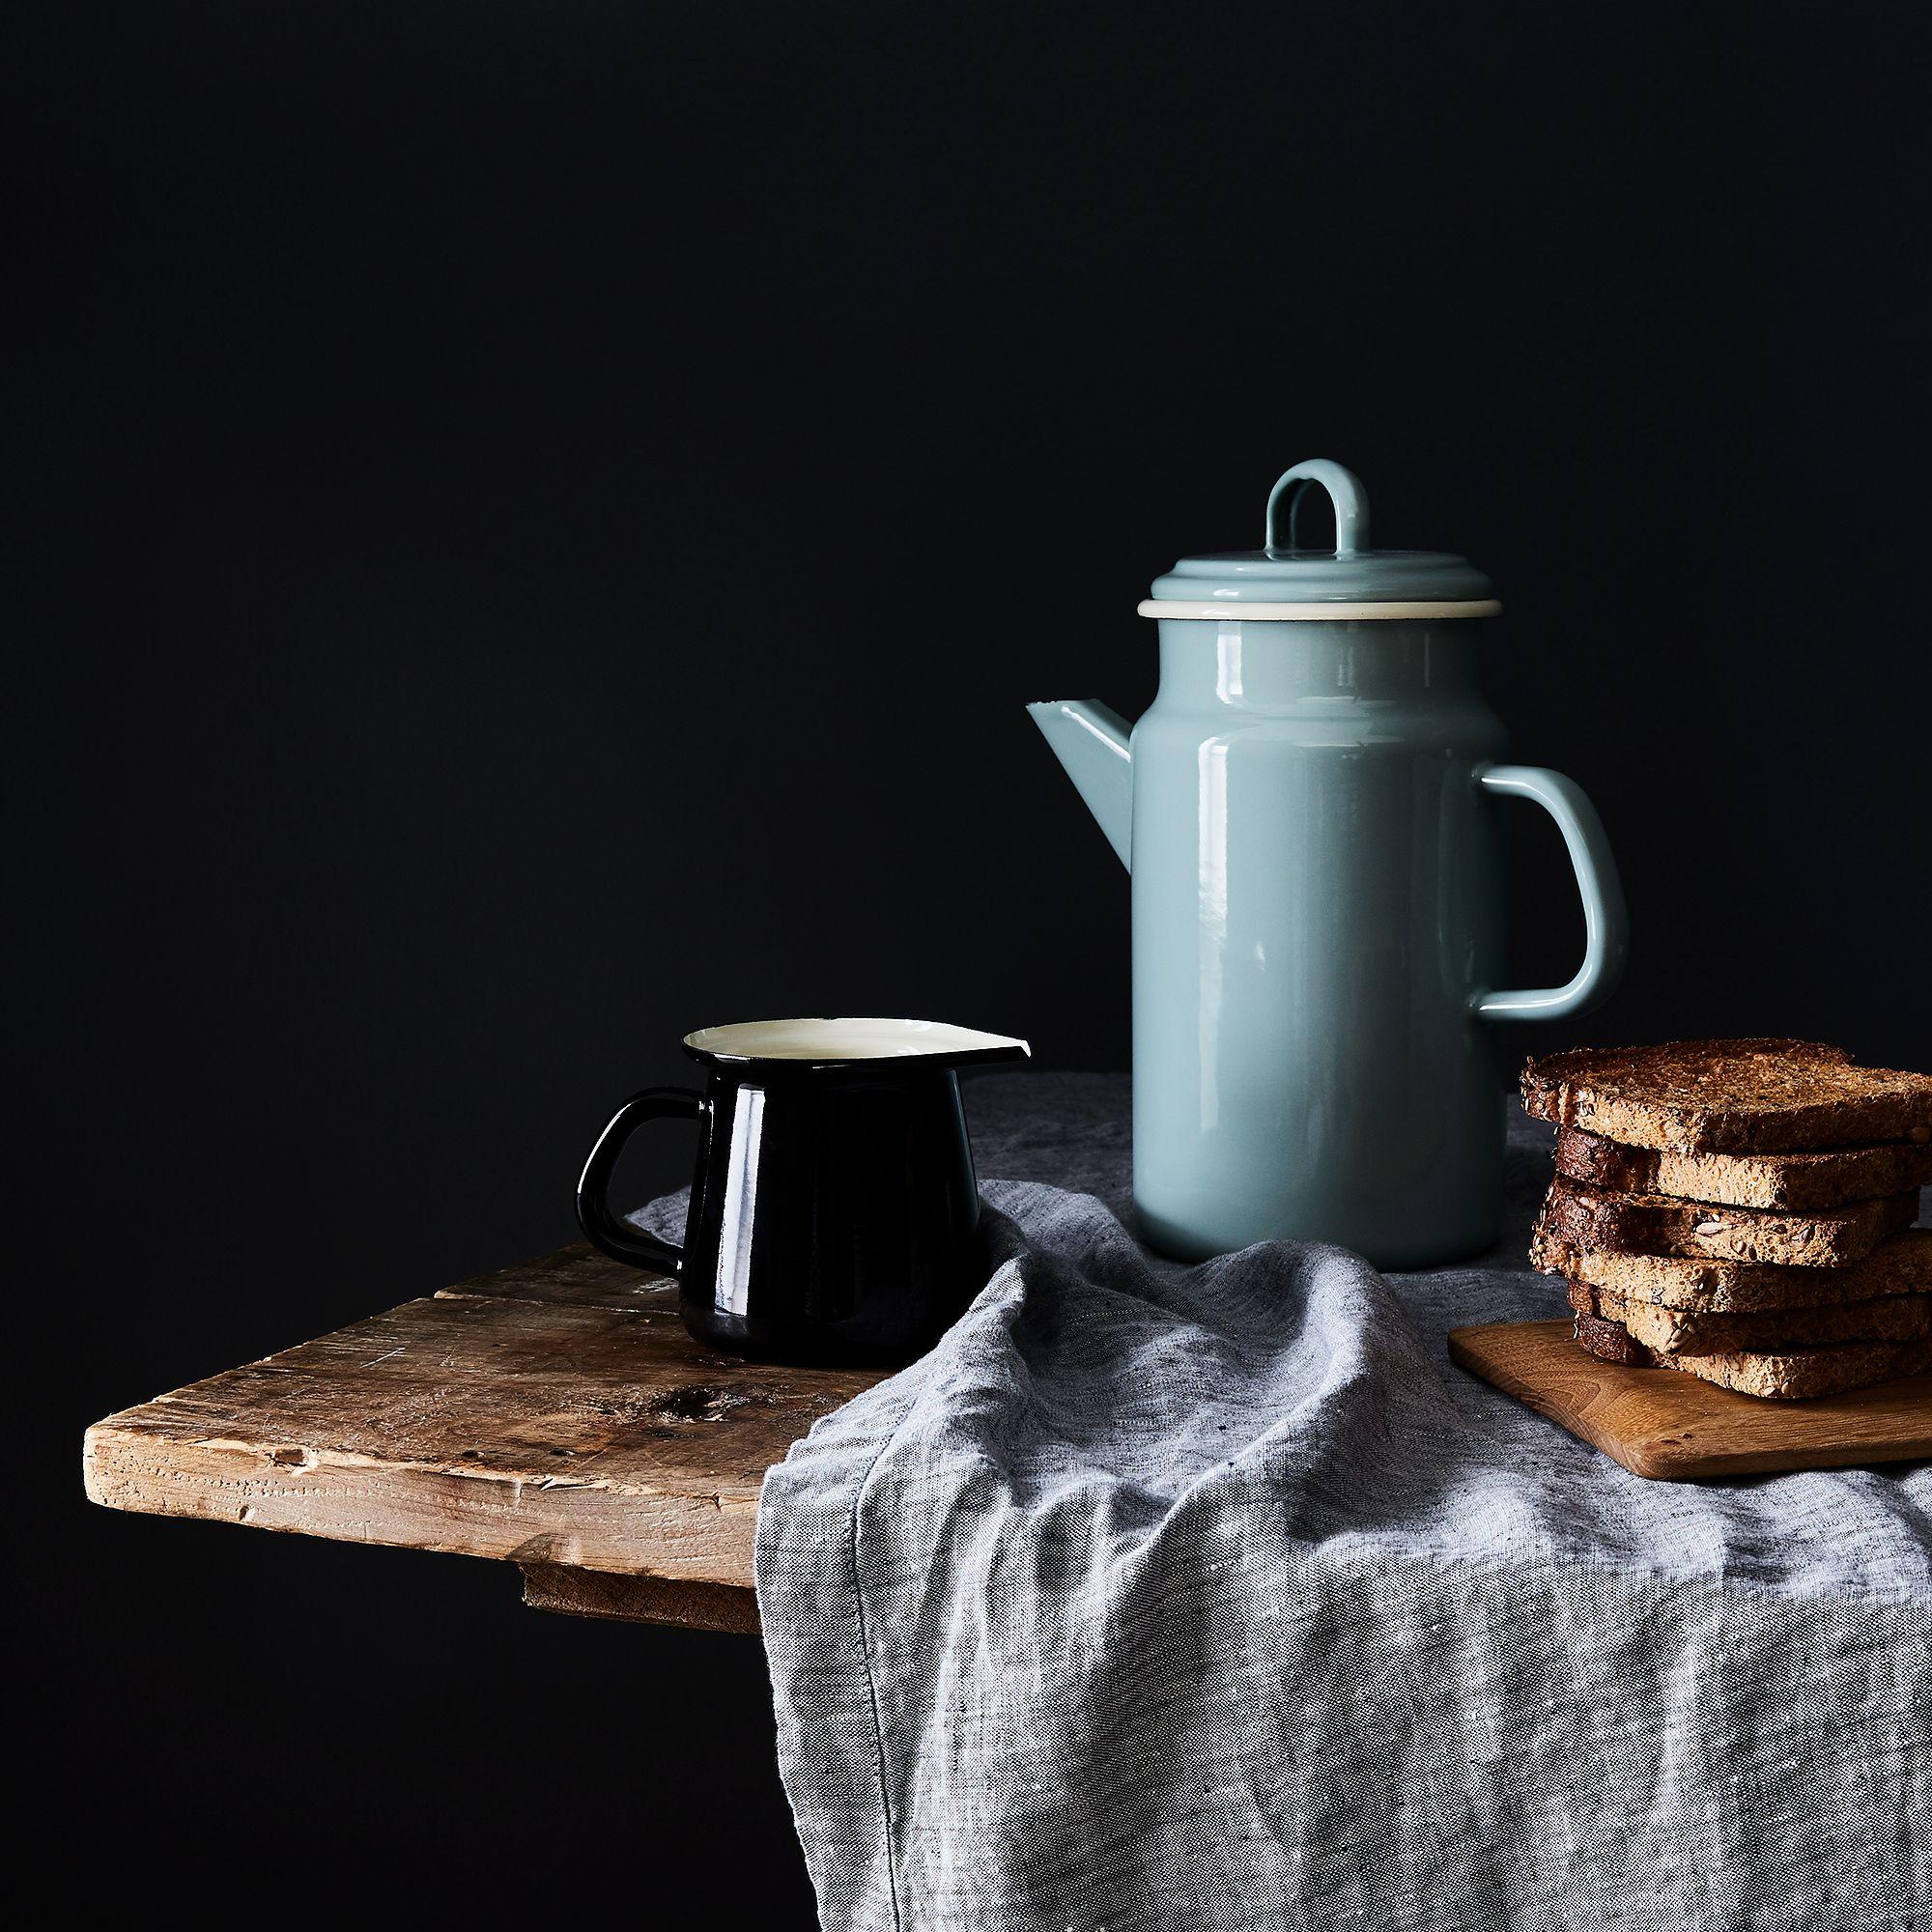 08bce4fb-c157-44b6-b268-526fdc777b26--2016-1031_dexam-home_enamel-coffee-pot_mid_bobbi-lin_11475.jpg